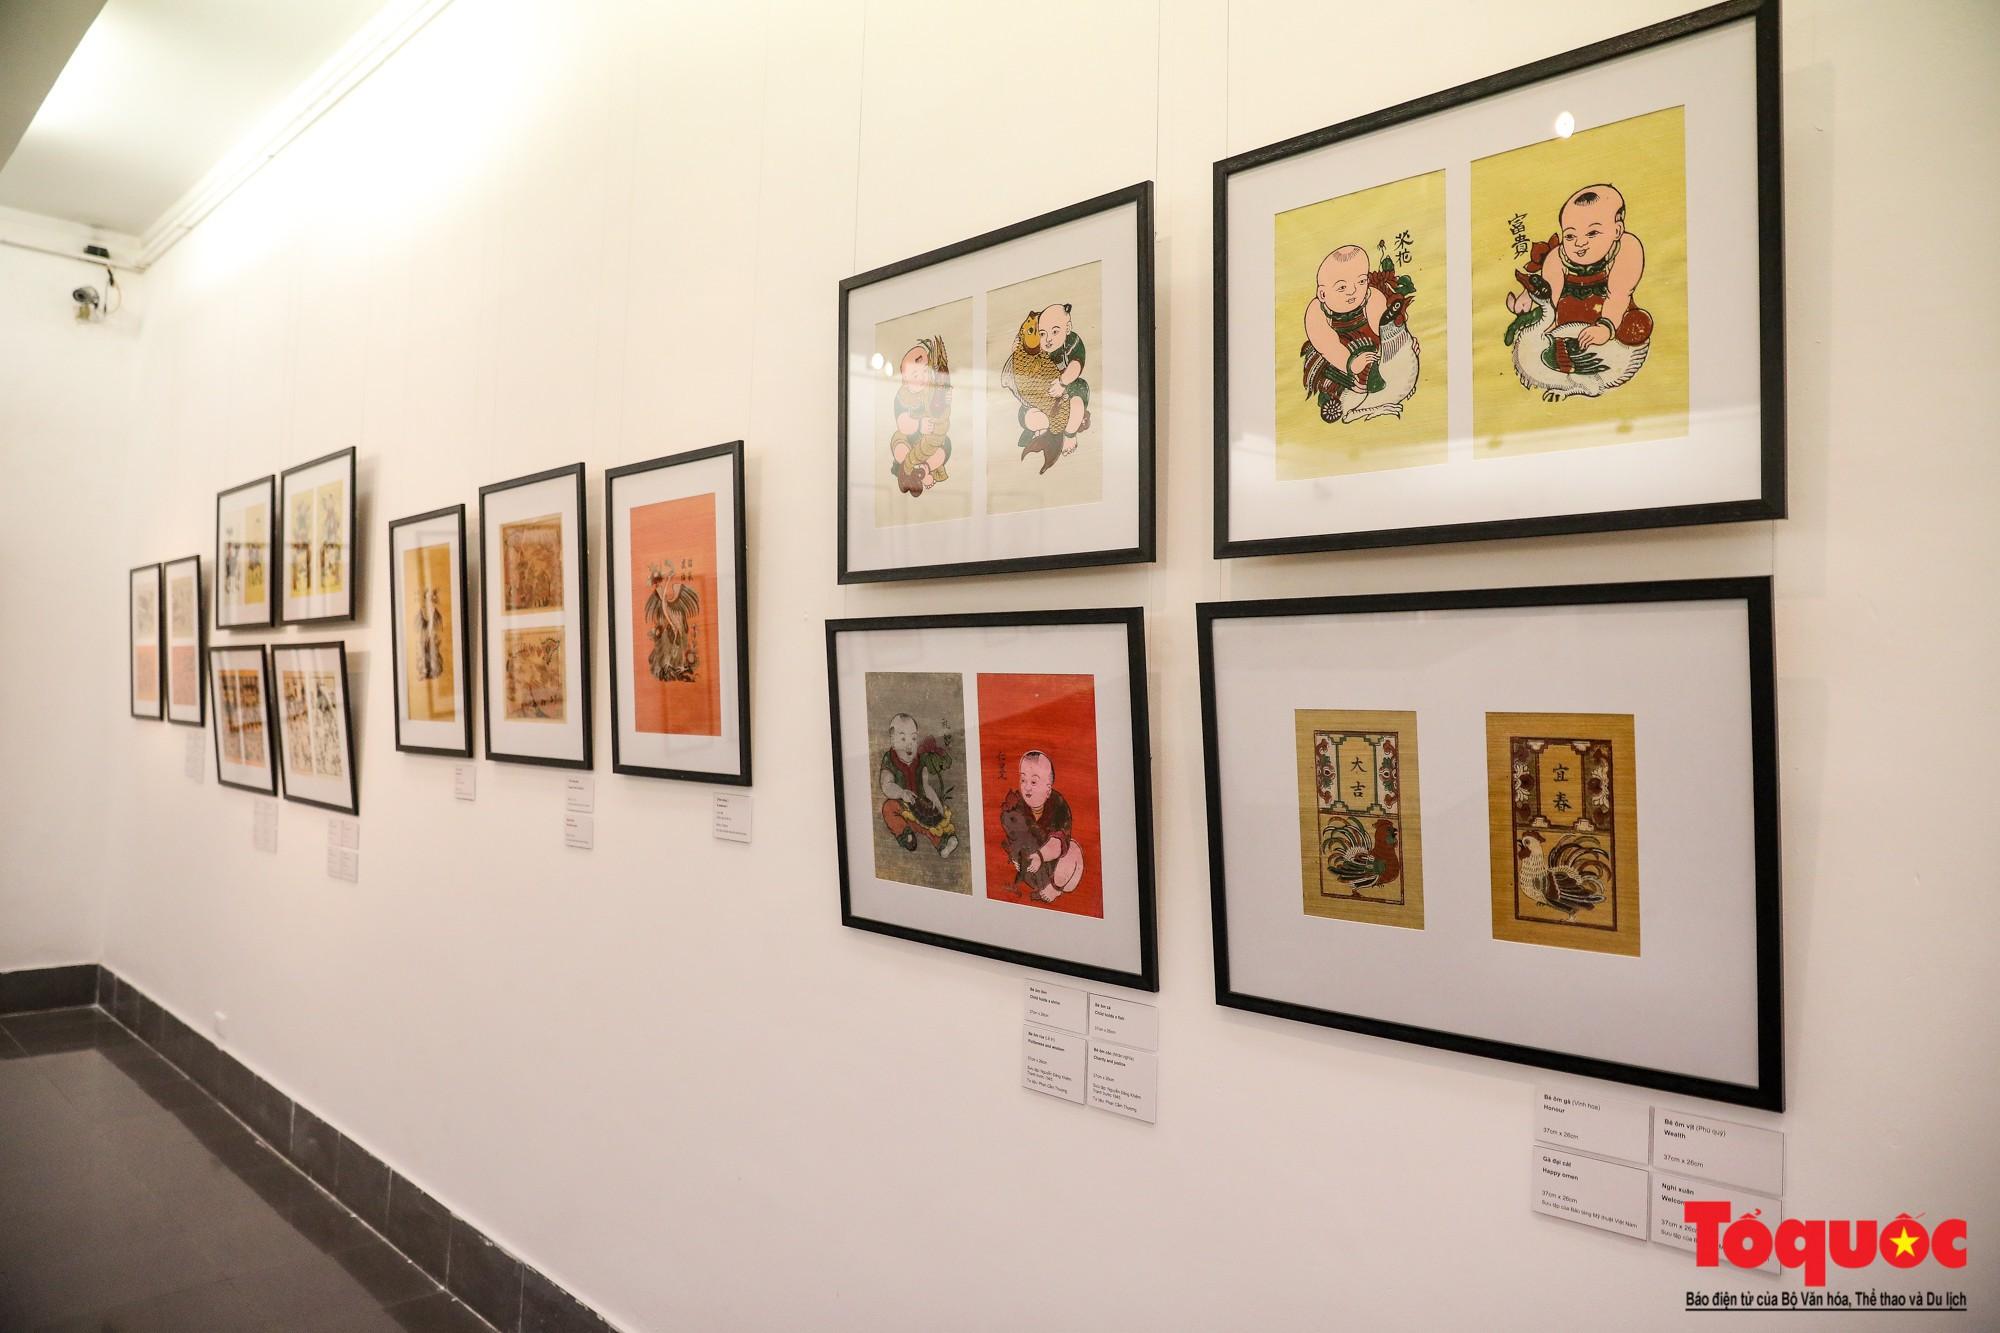 """Khai mạc triển lãm """"Tranh dân gian Đông hồ xưa và nay"""": Trưng bày hơn 100 hiện vật của tranh dân gian Đông Hồ - Ảnh 11."""